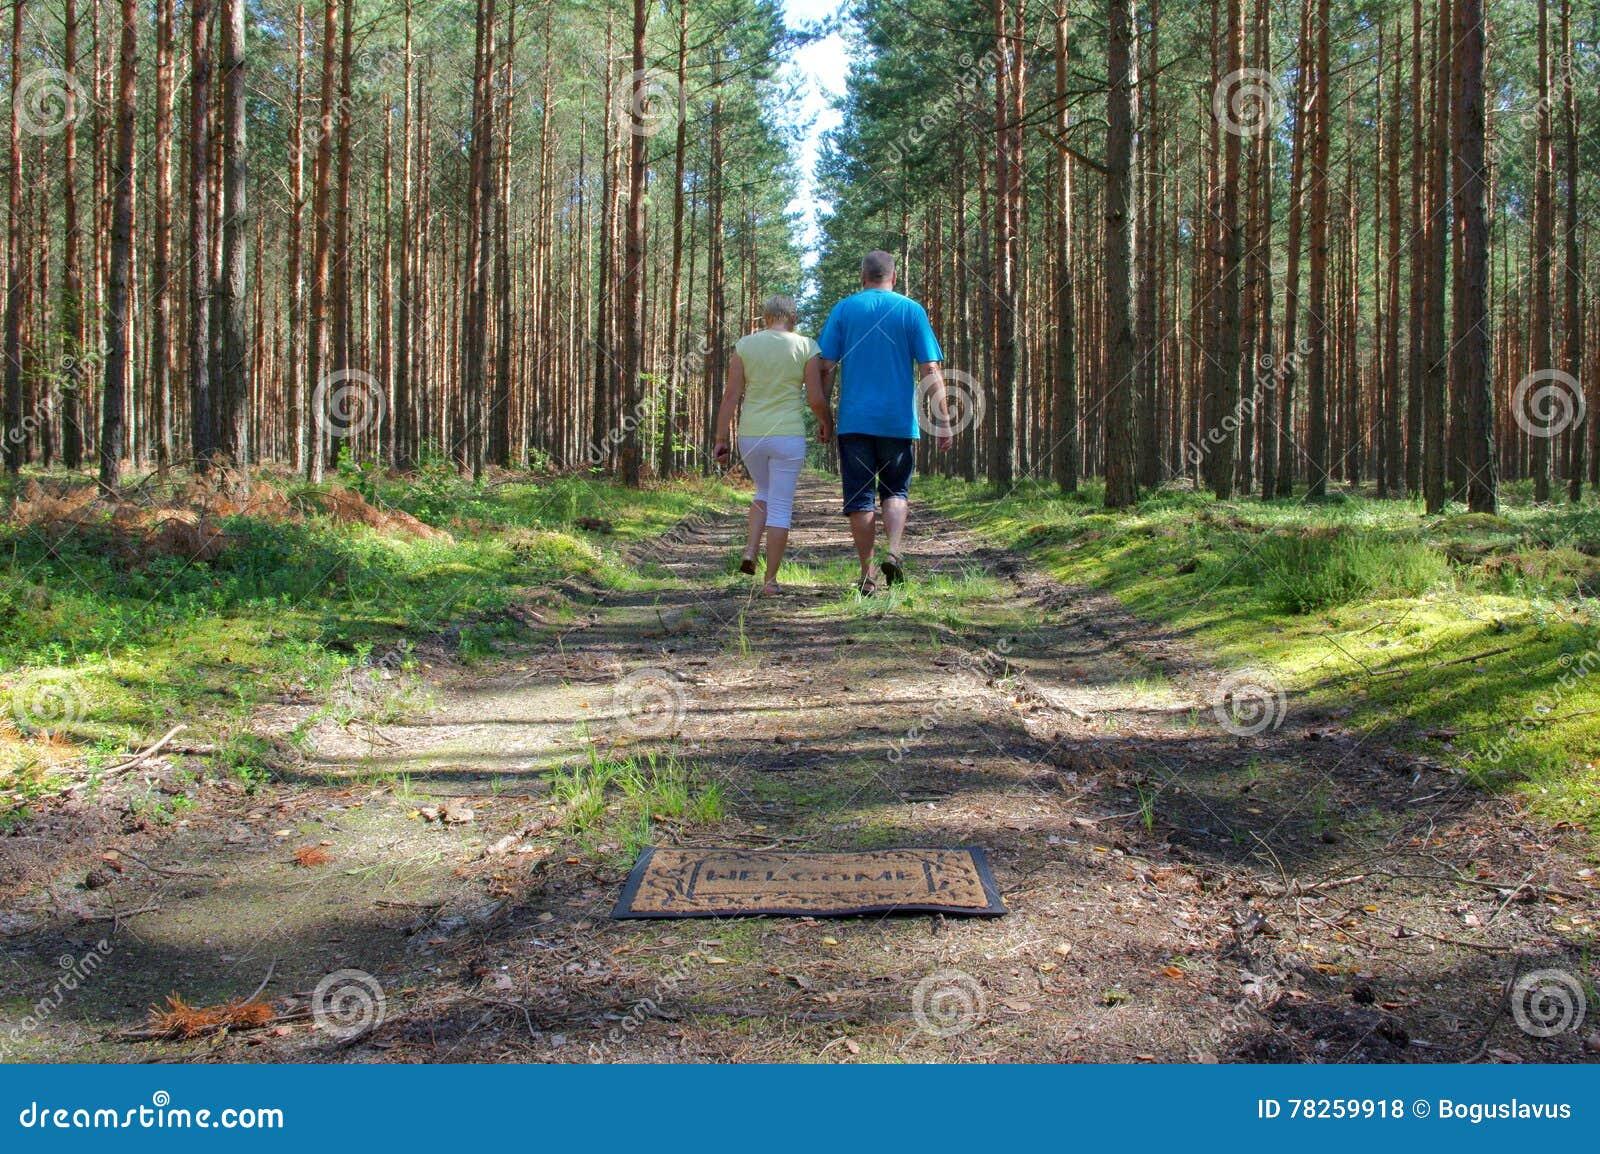 Το δάσος μας καλωσορίζει